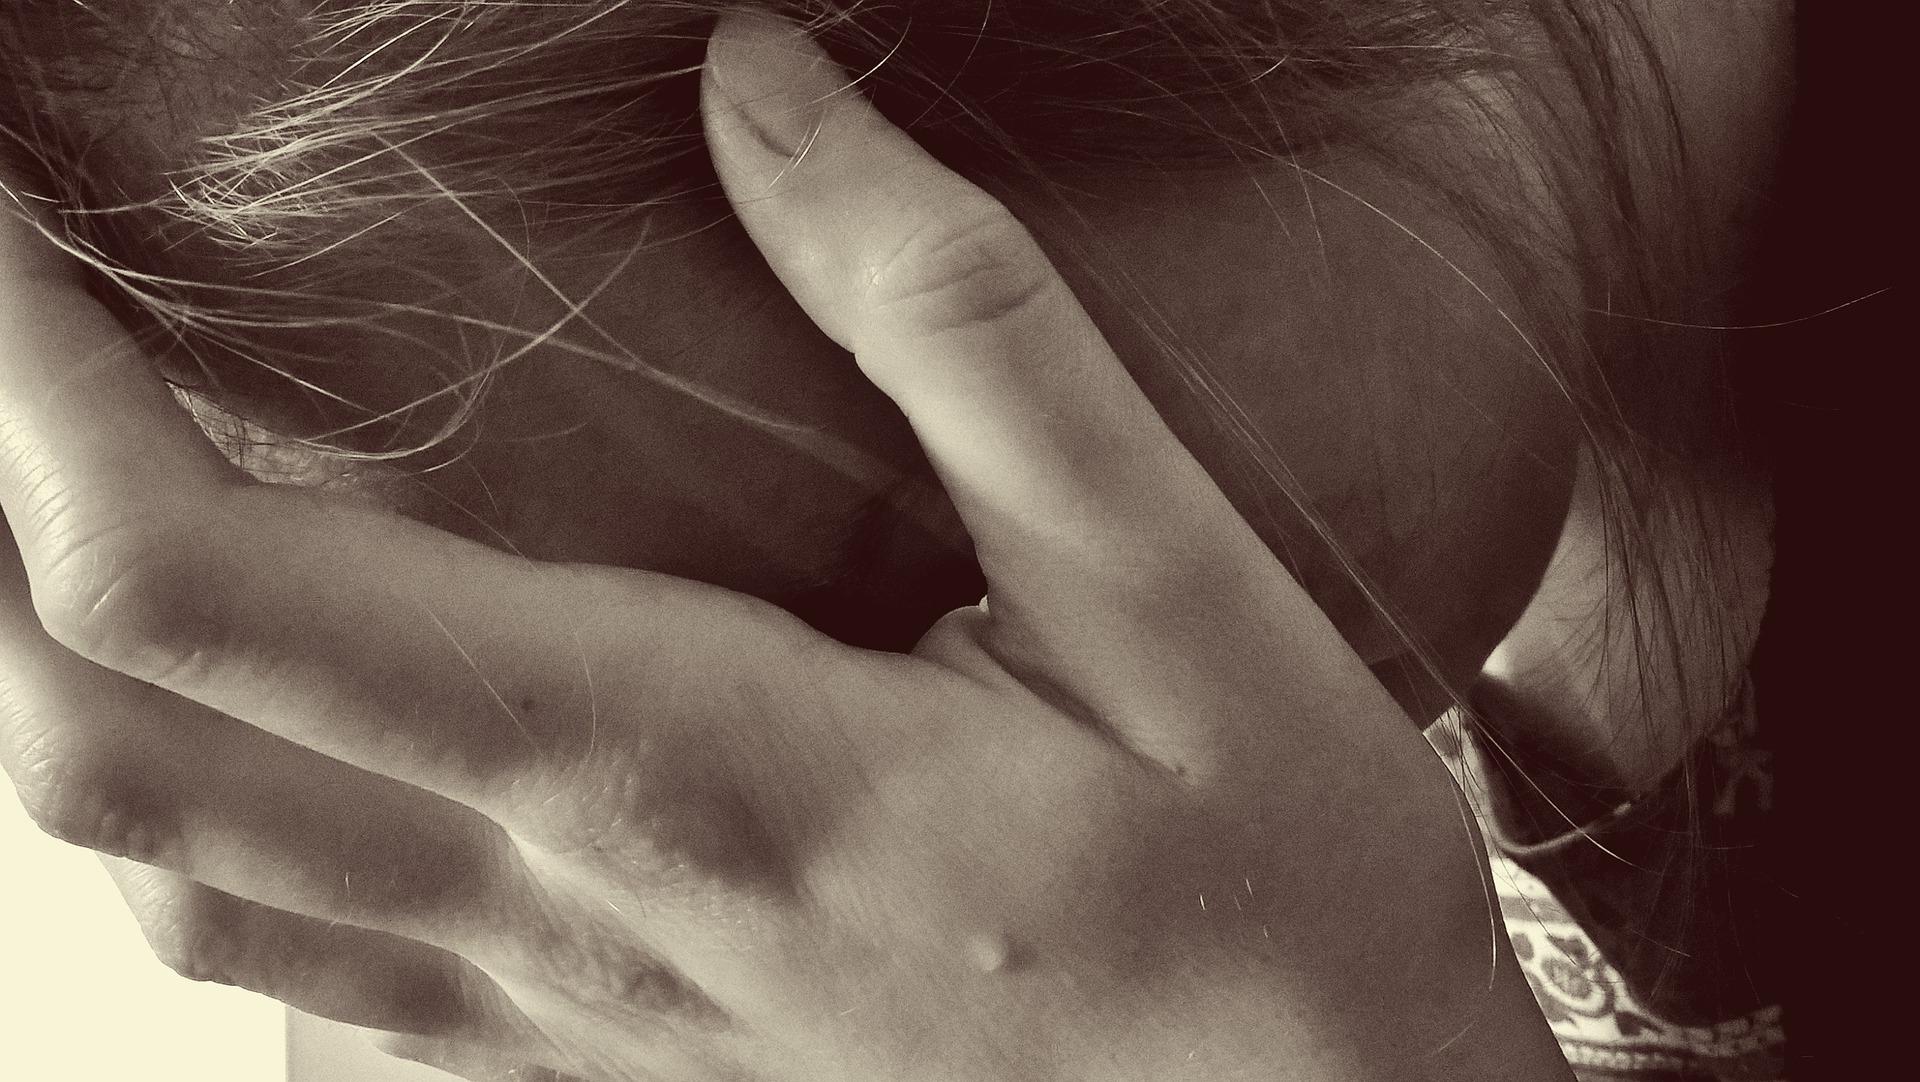 Beziehungsgewalt - so setzt Du ein Ende